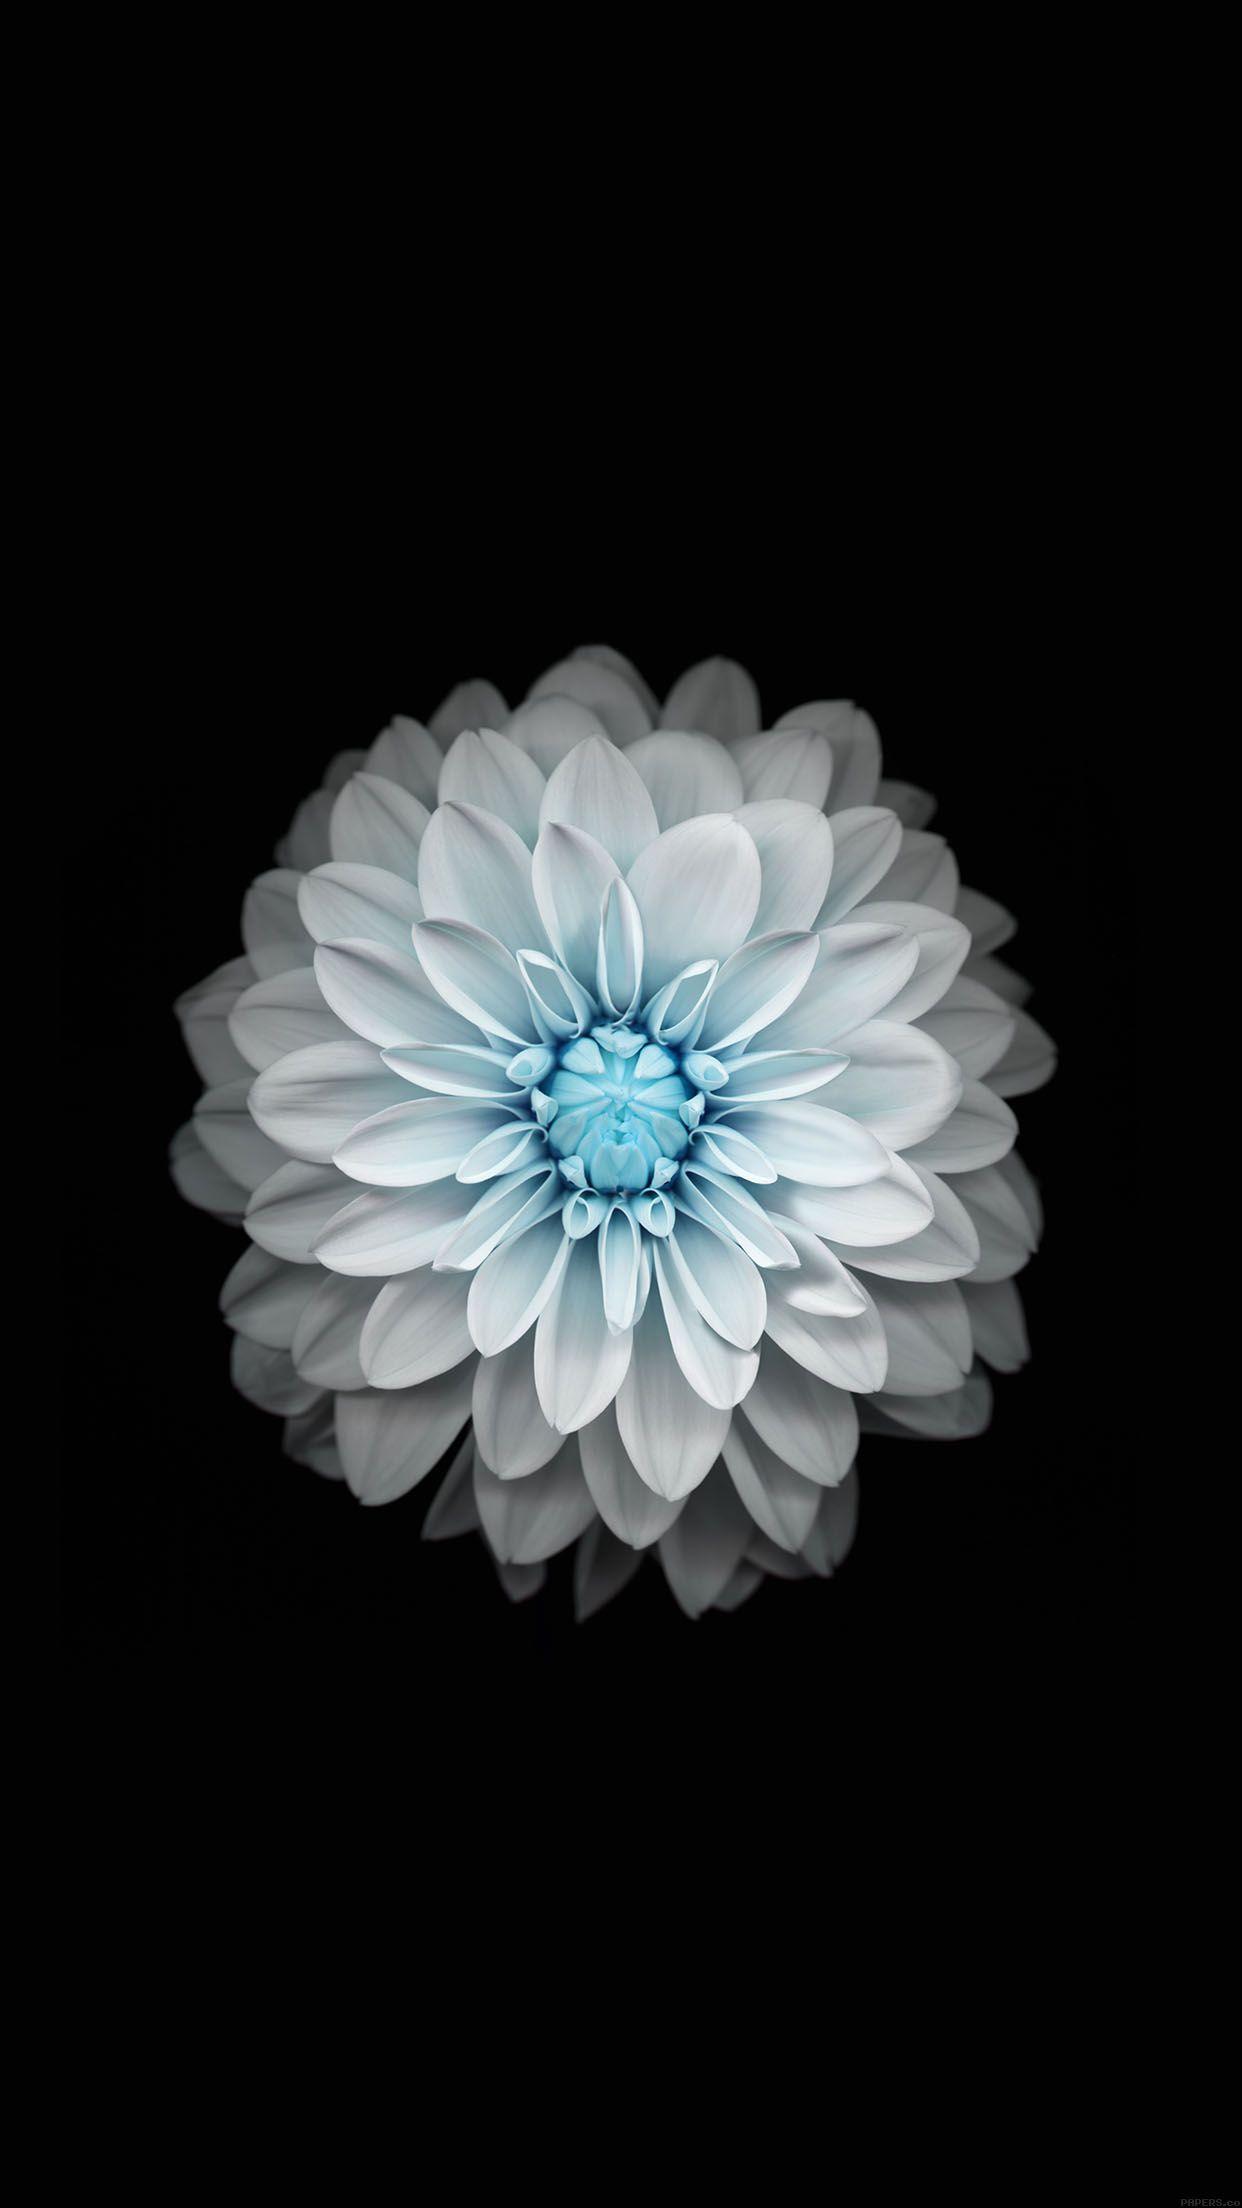 5 fonds d 39 cran fleuris pour iphone et ipad for Fond ecran iphone 6 plus